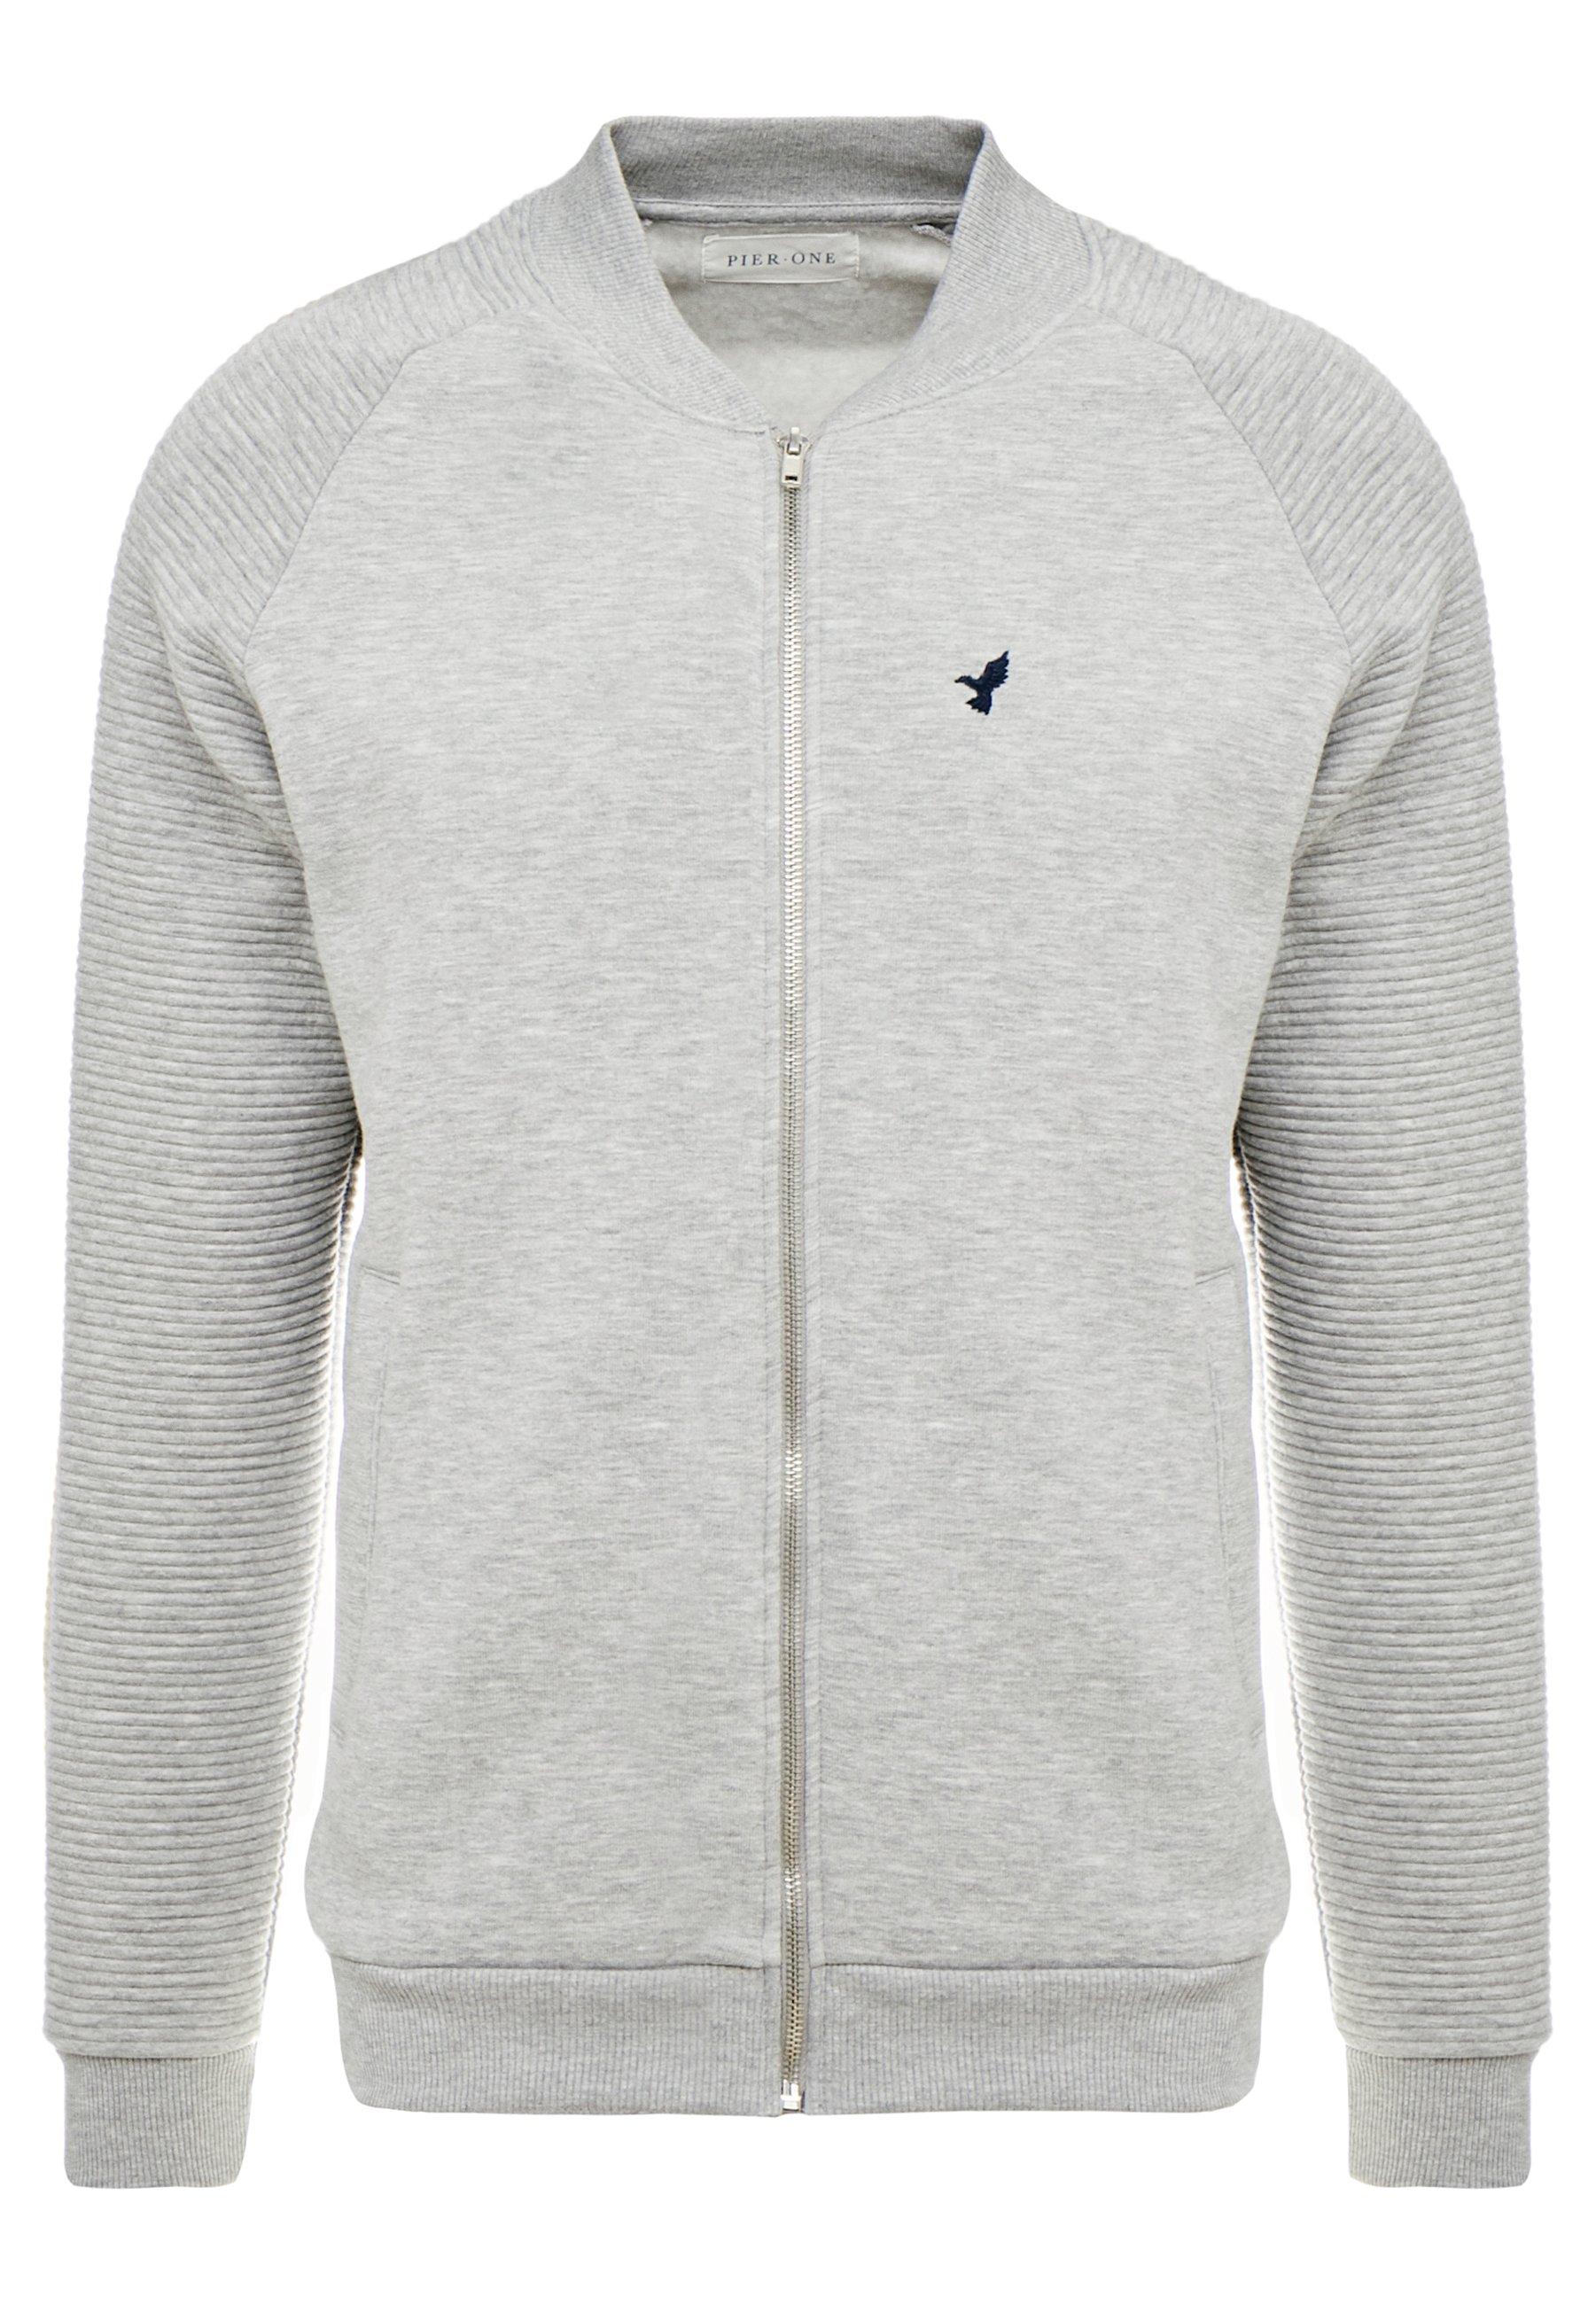 Pier One Bluza rozpinana - mottled grey